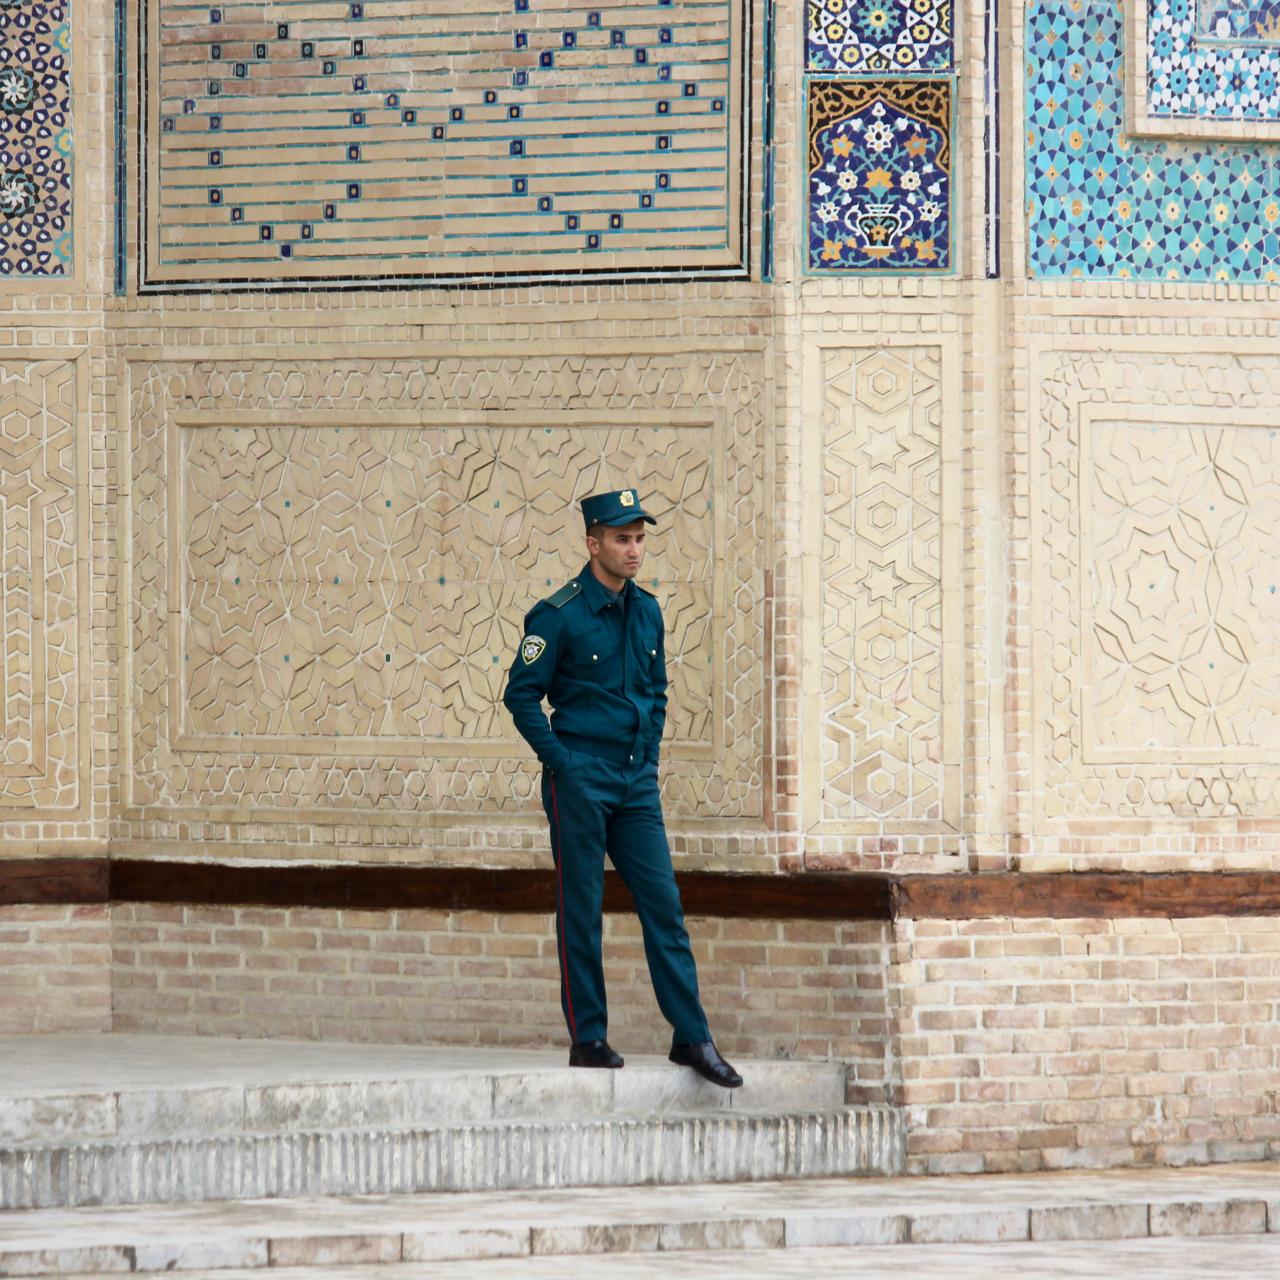 bukhara, uzbekistan - 18